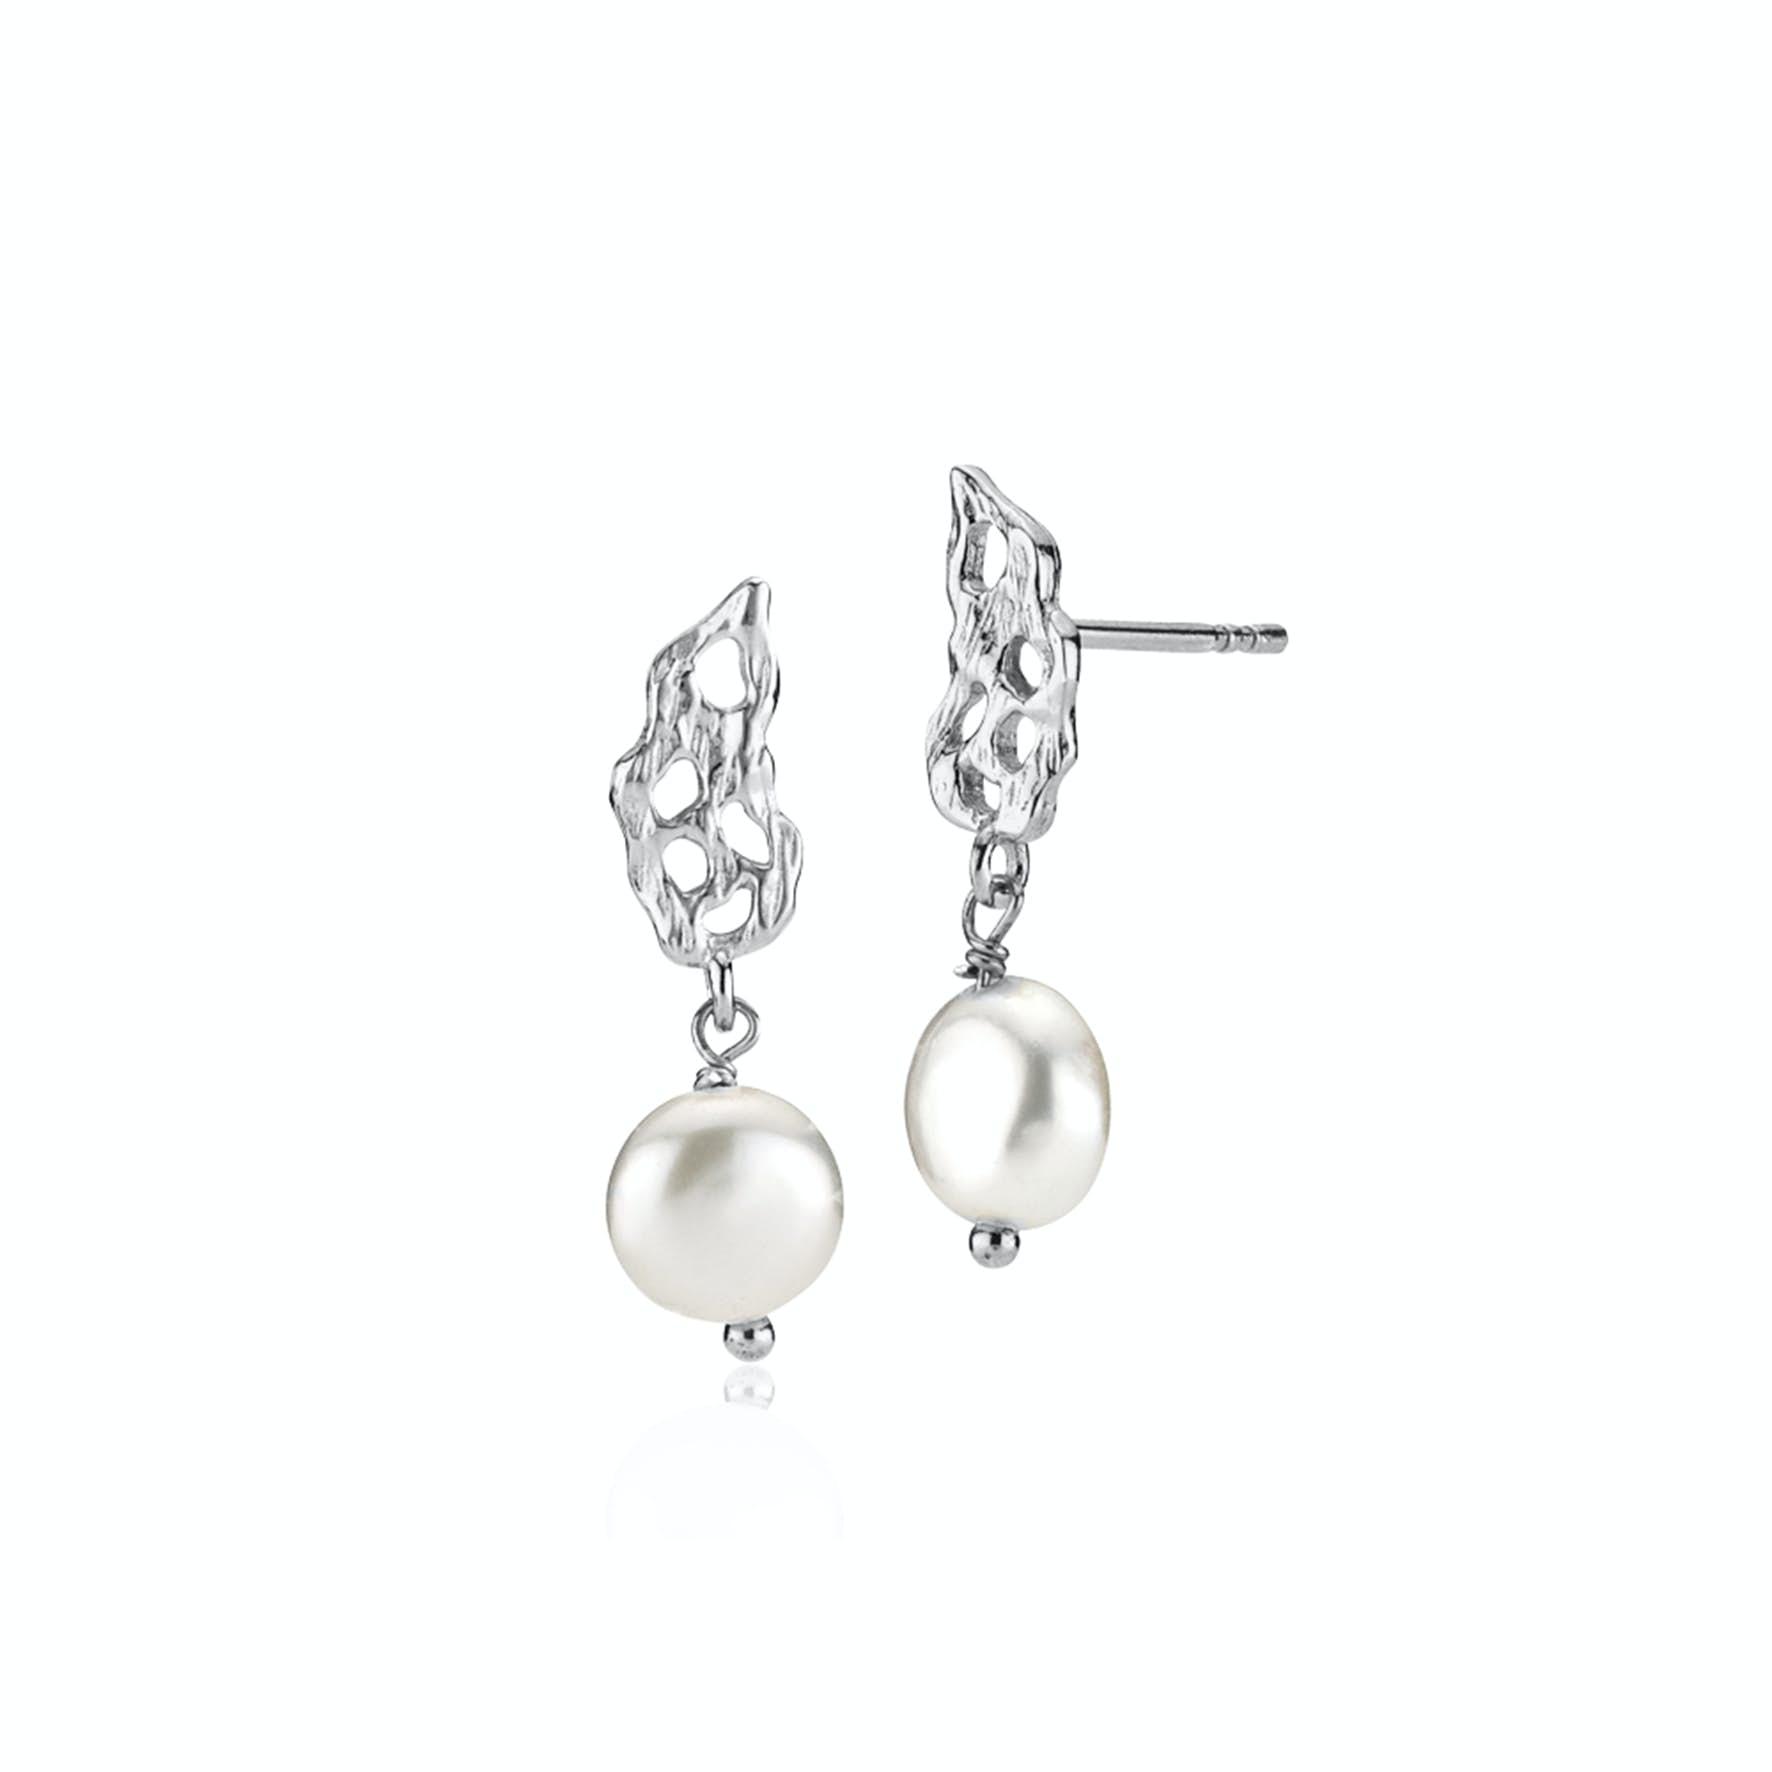 Holly Pearl Earrings fra Izabel Camille i Sølv Sterling 925